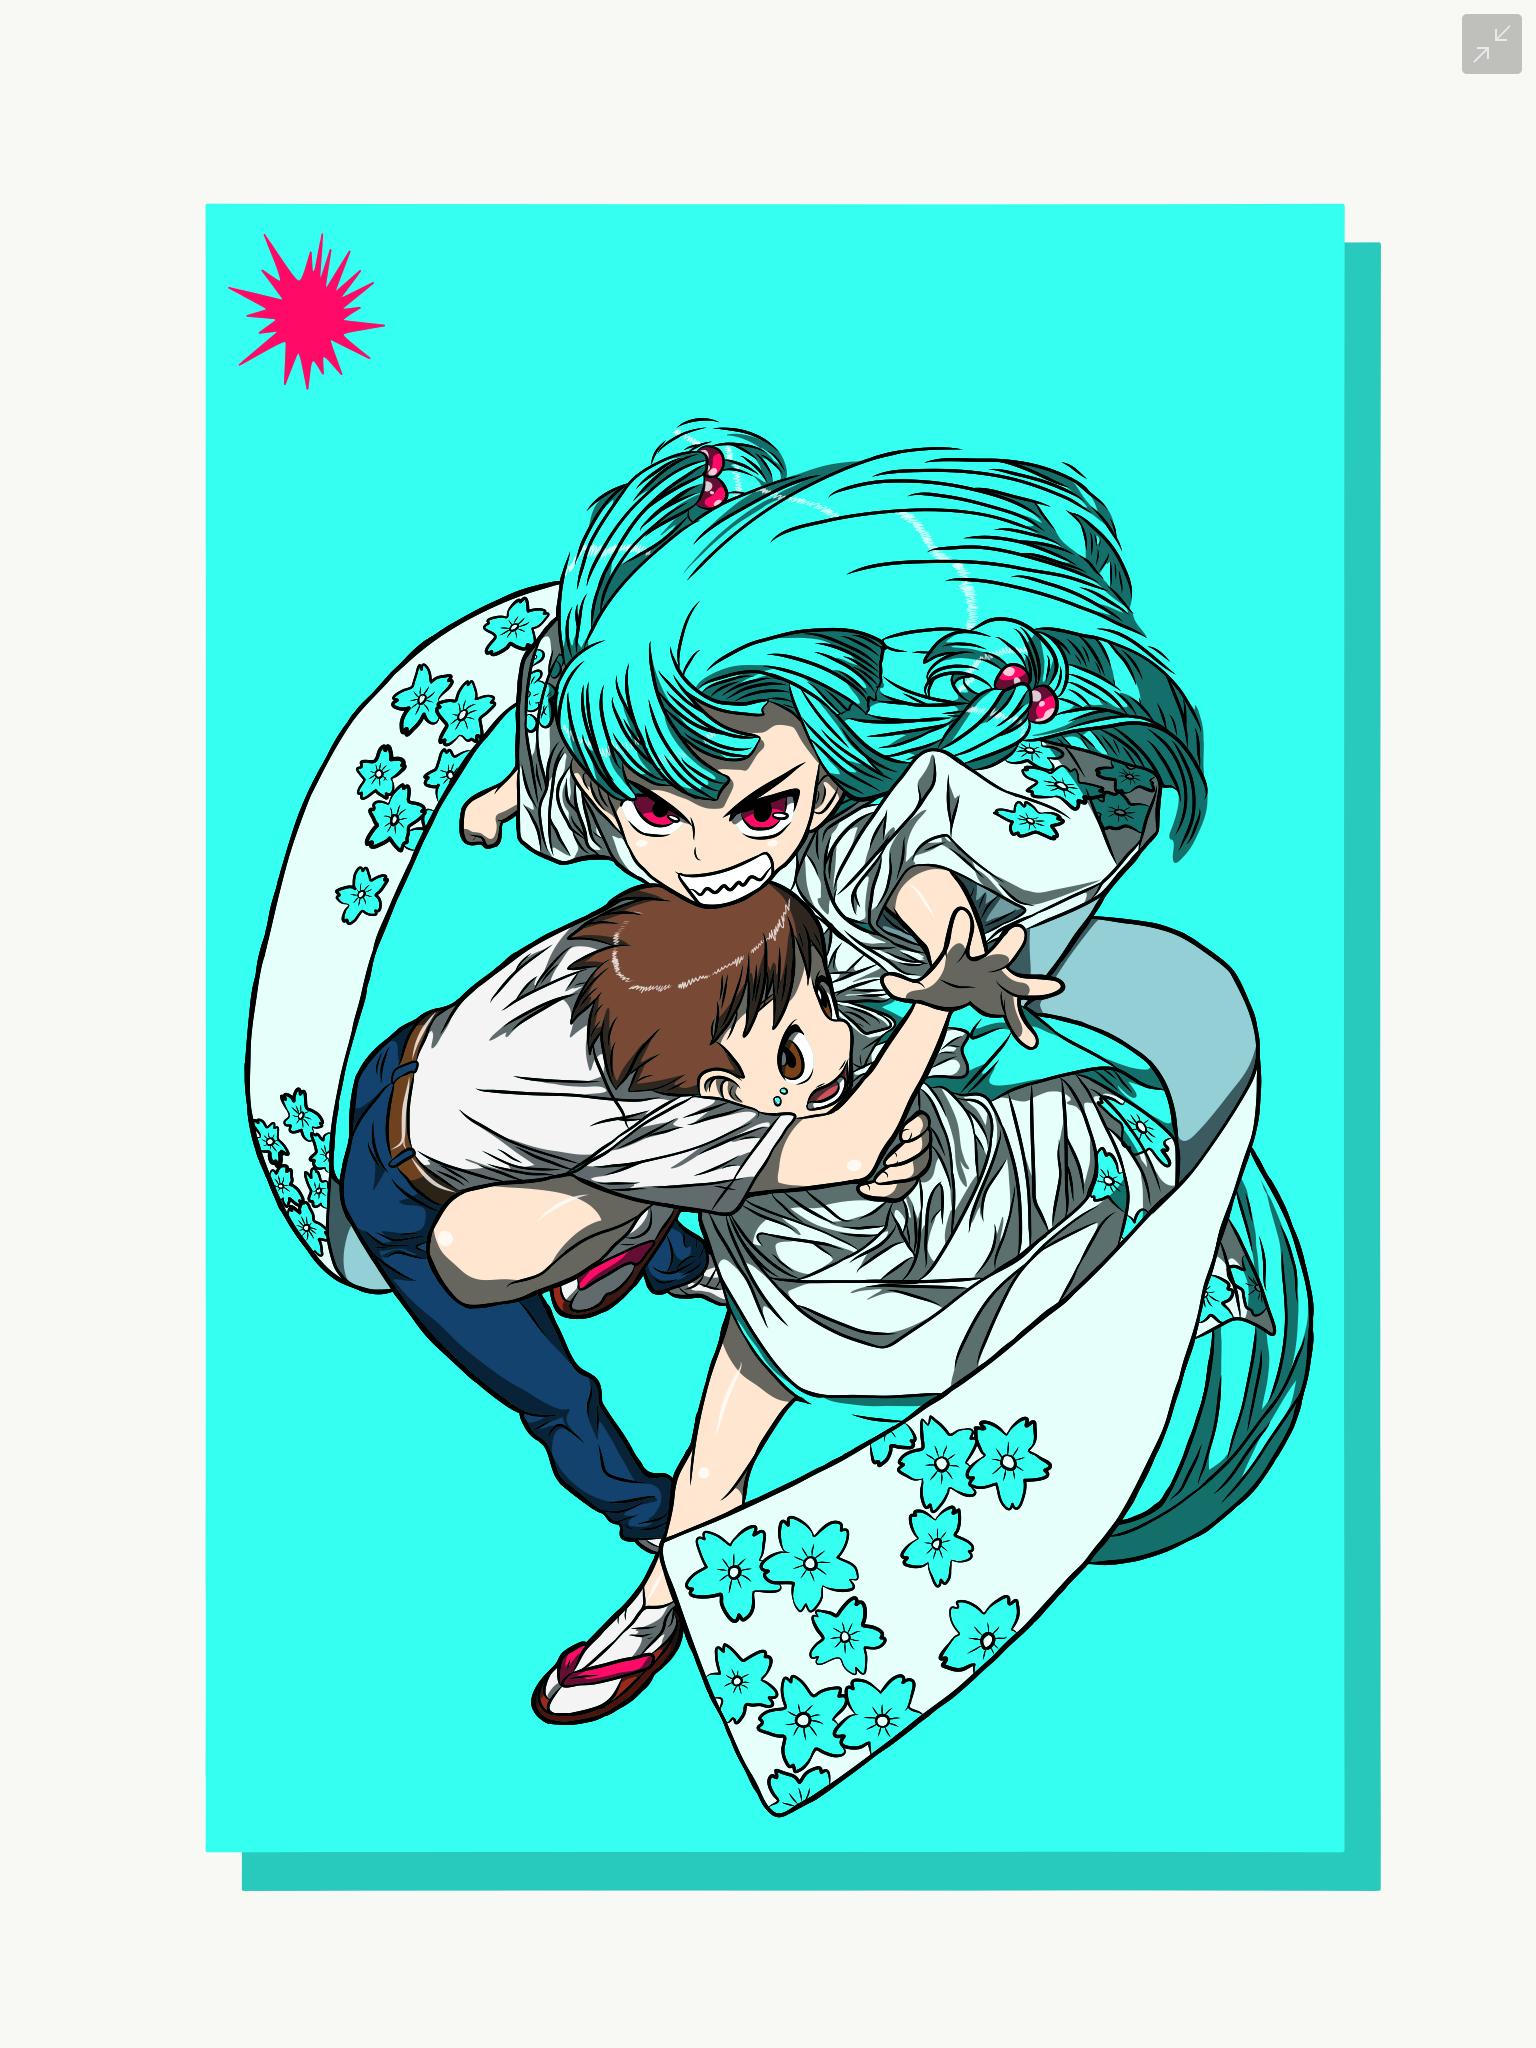 tsugumomo-pop-art-process-image-4.png